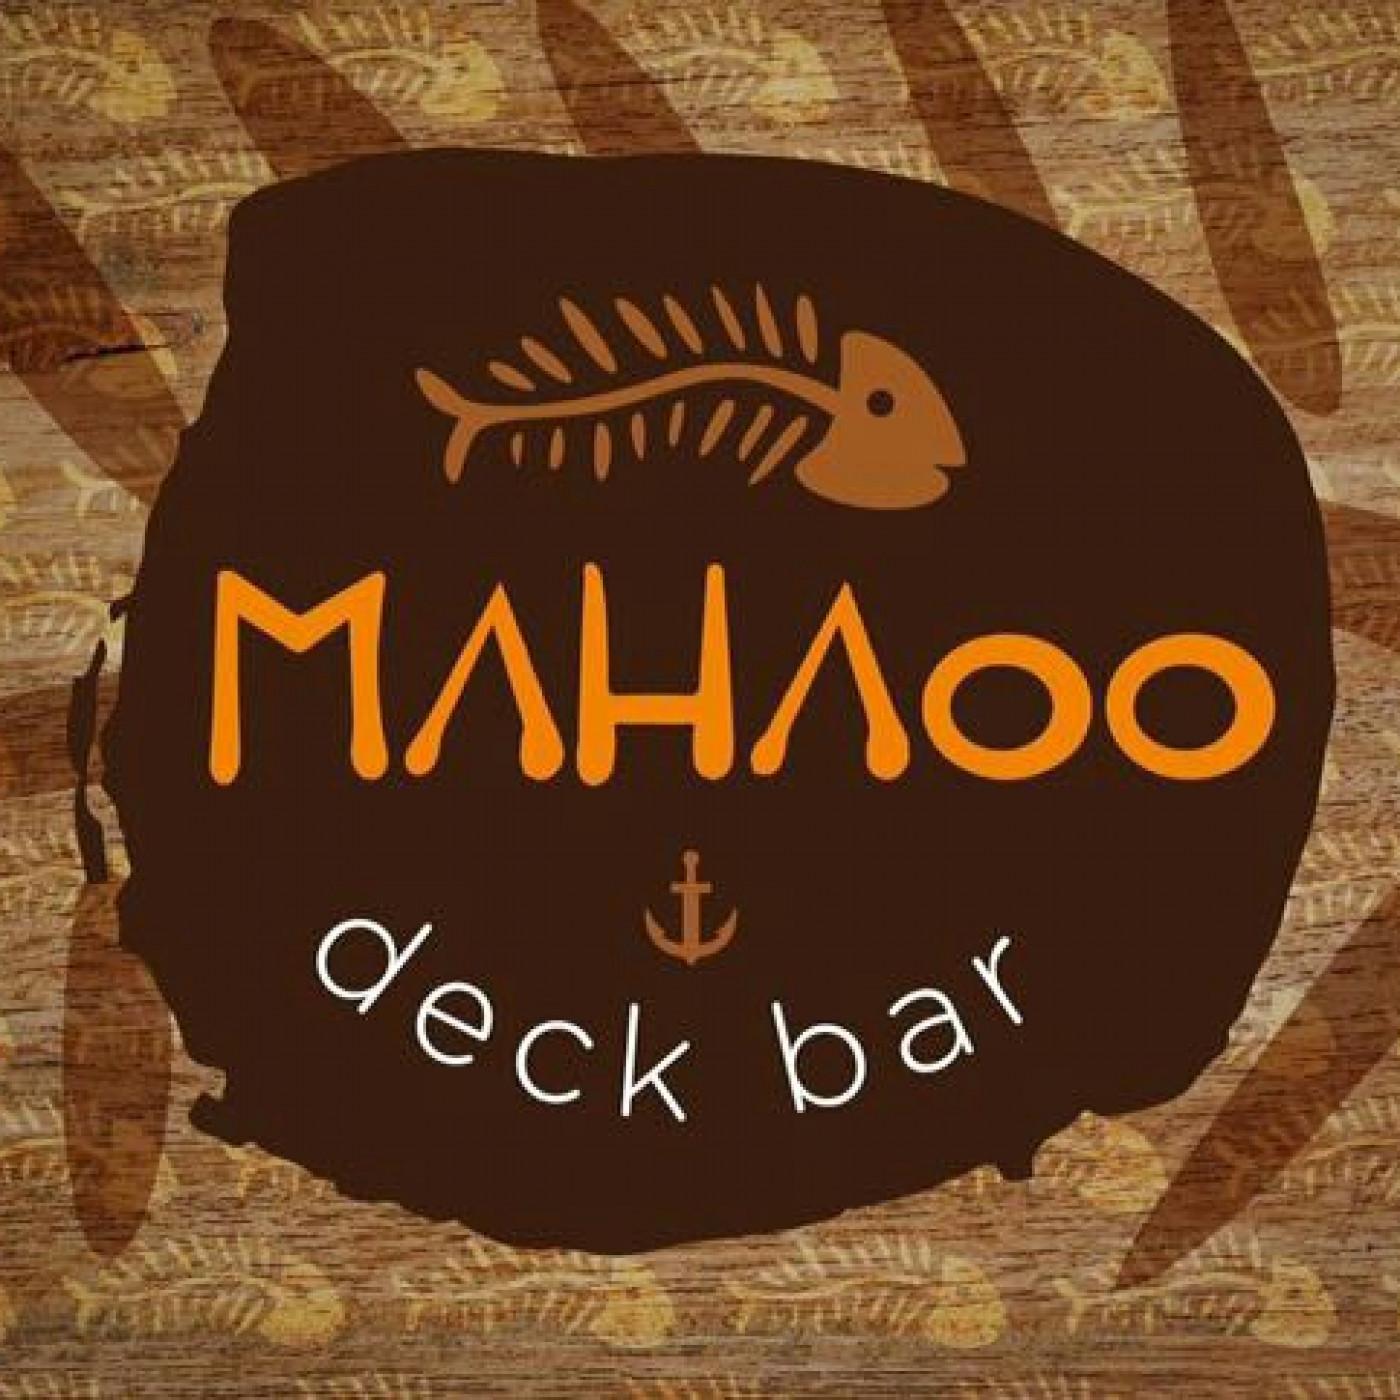 Mahaoo deck Bar